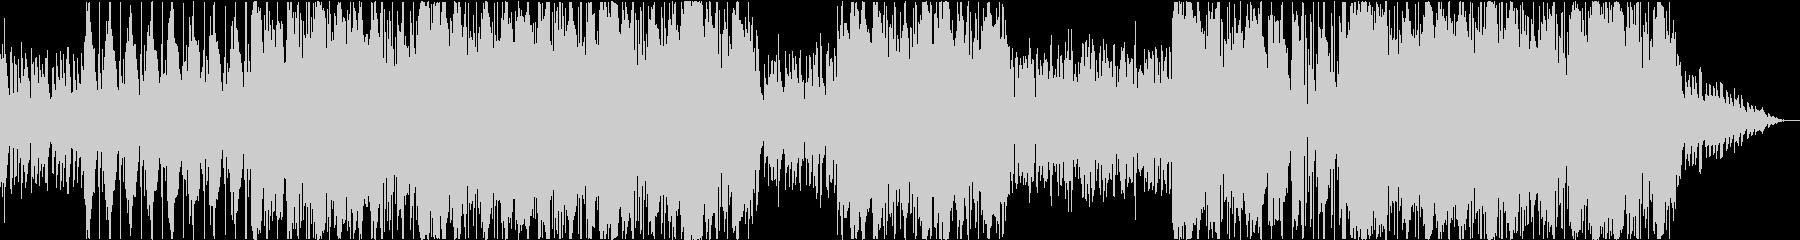 洋楽 ヒップホップ ダーク ギター 残響の未再生の波形